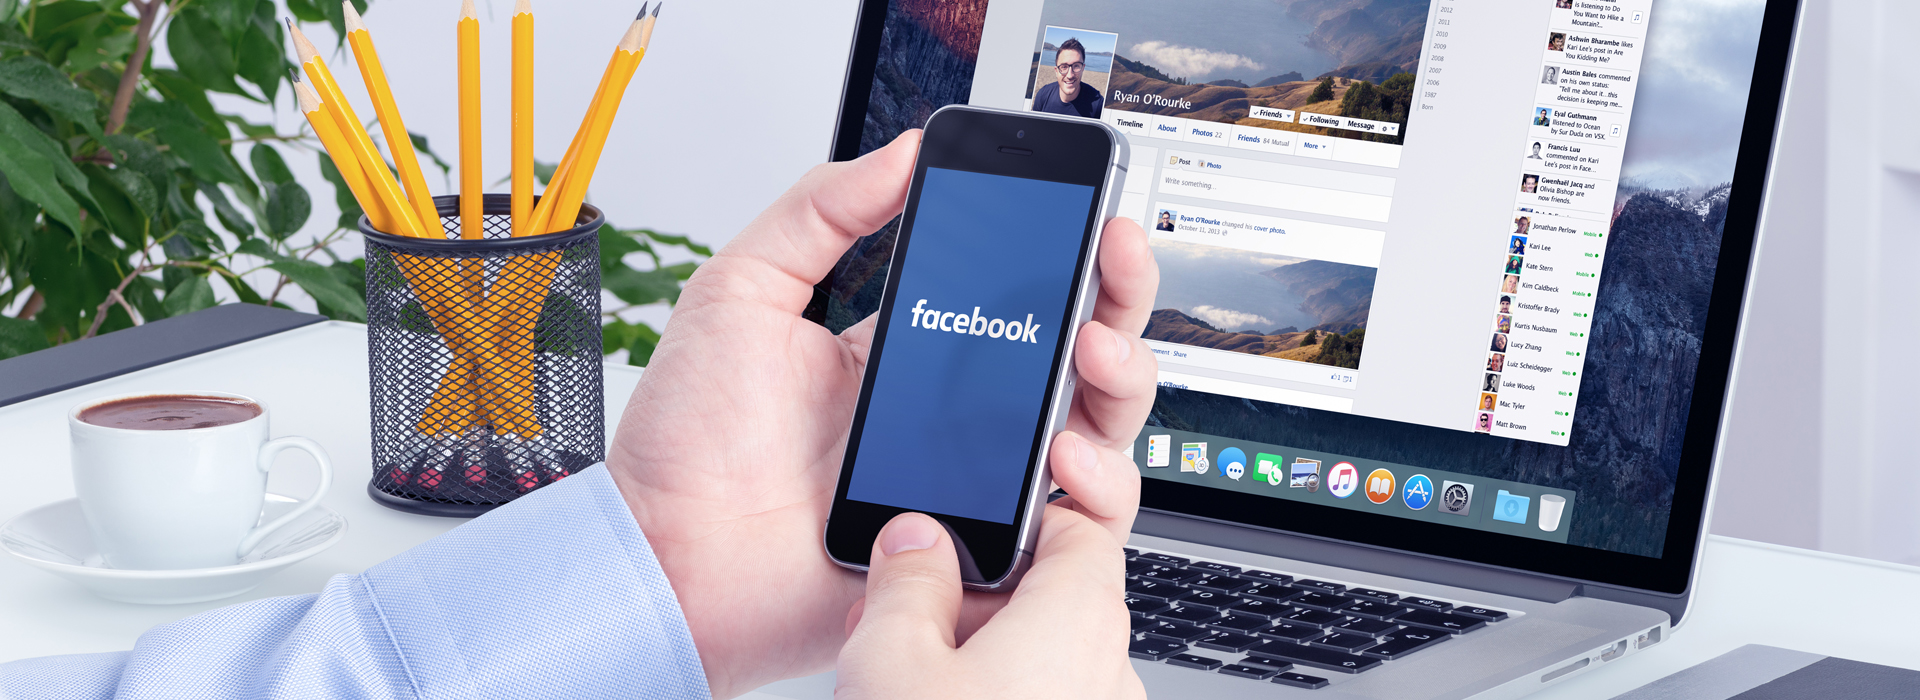 FB推出「找工作服務」, 要找到好工作,不要在FB上做哪12件事?